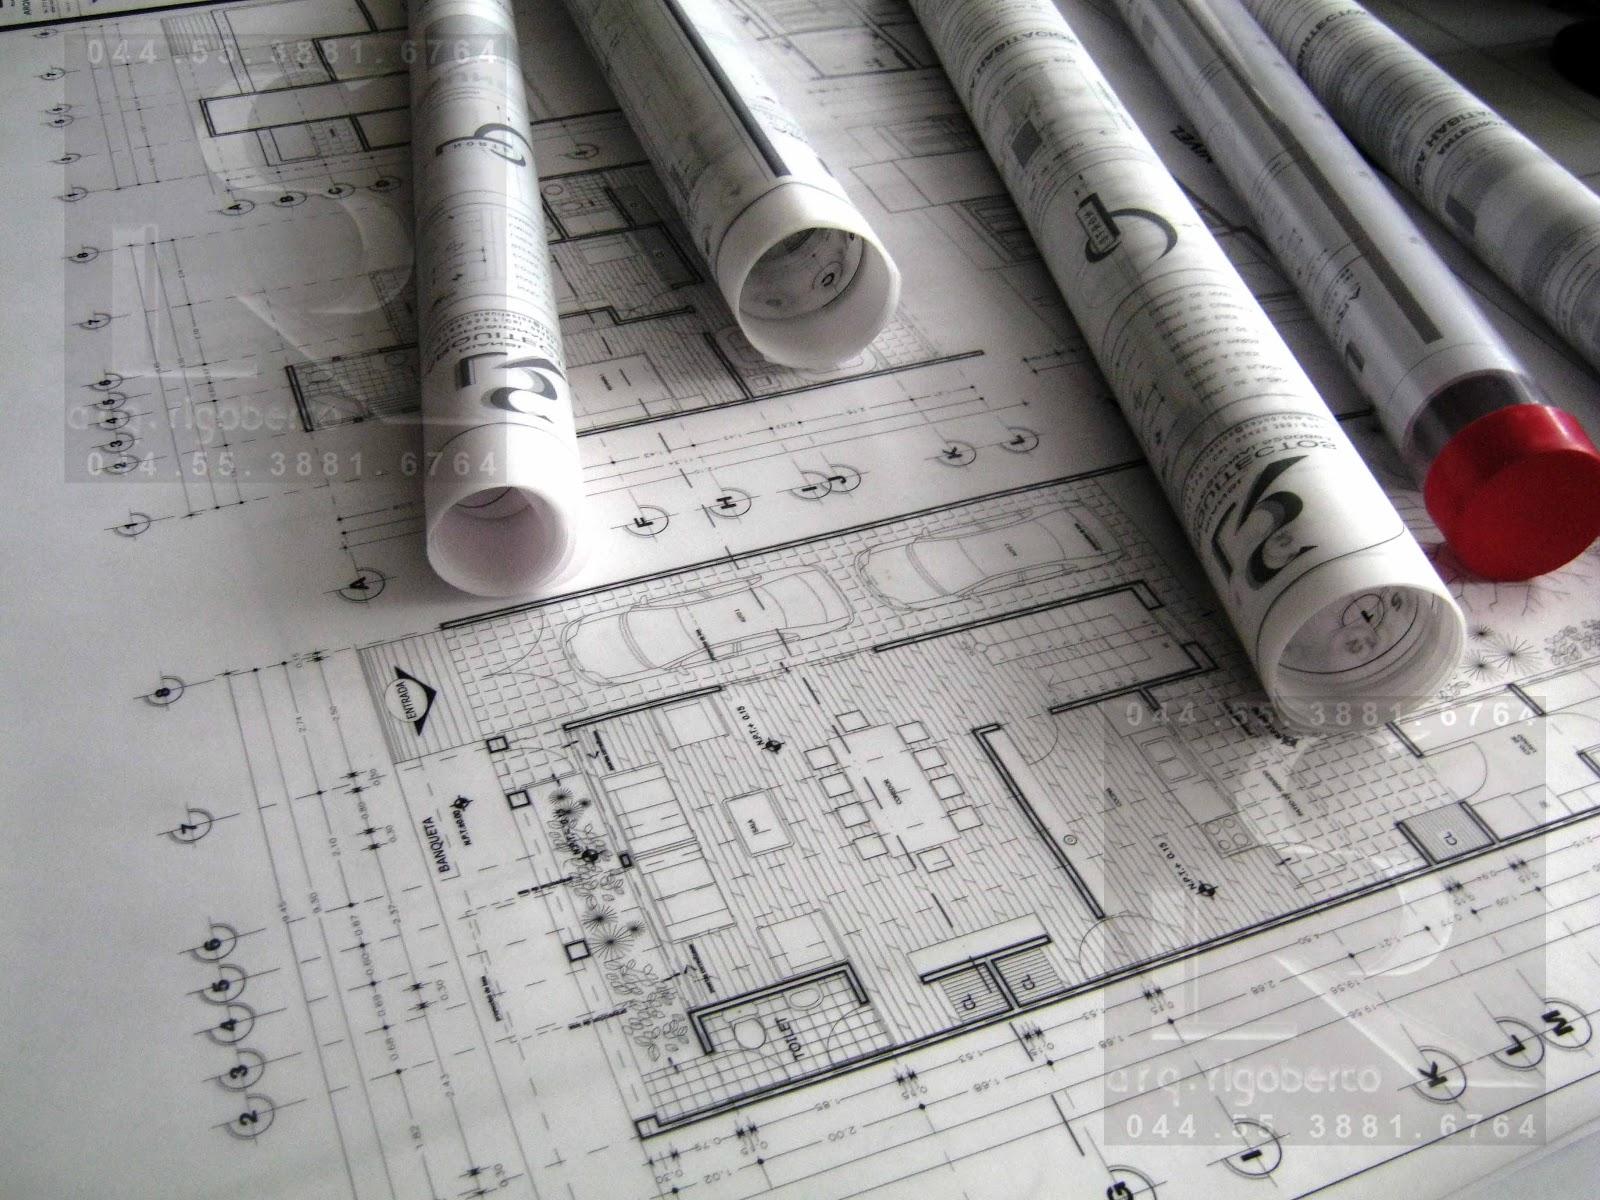 Dise o arquitect nico en 3d proyectos arquitect nicos en for Diseno de planos de construccion